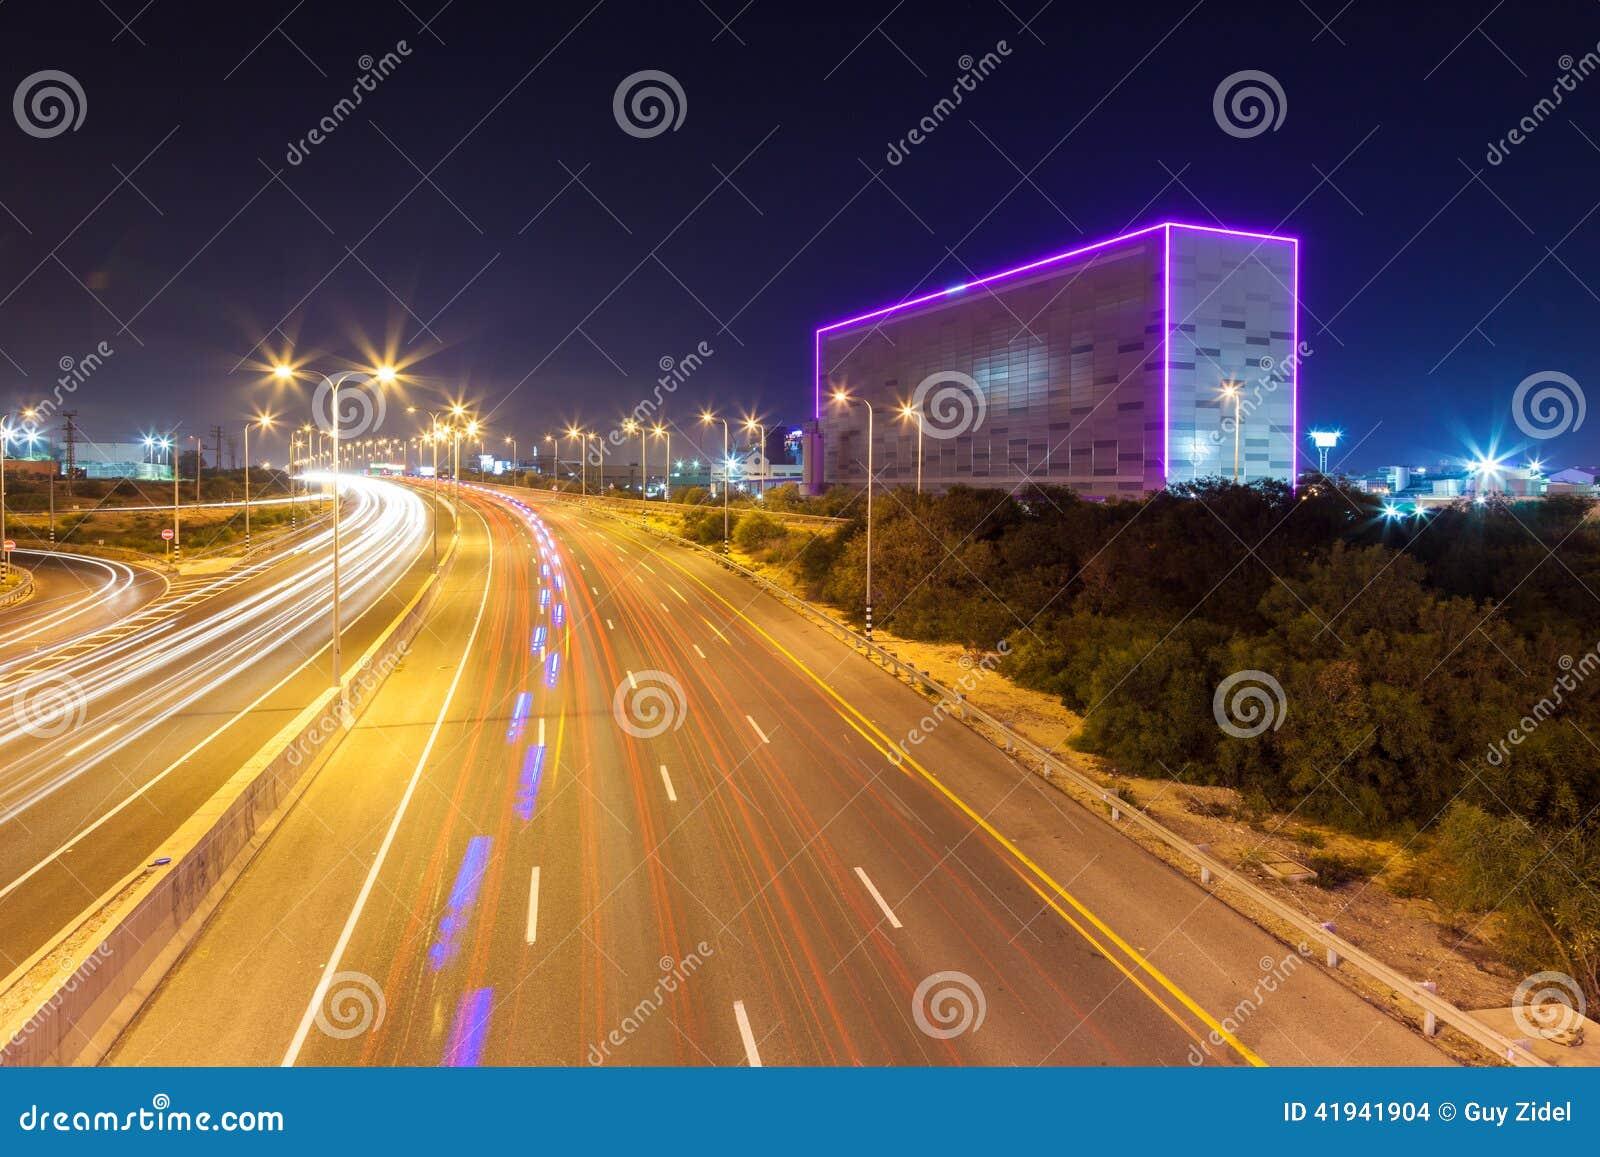 Nachtansicht der Landstraße mit Neonwürfel